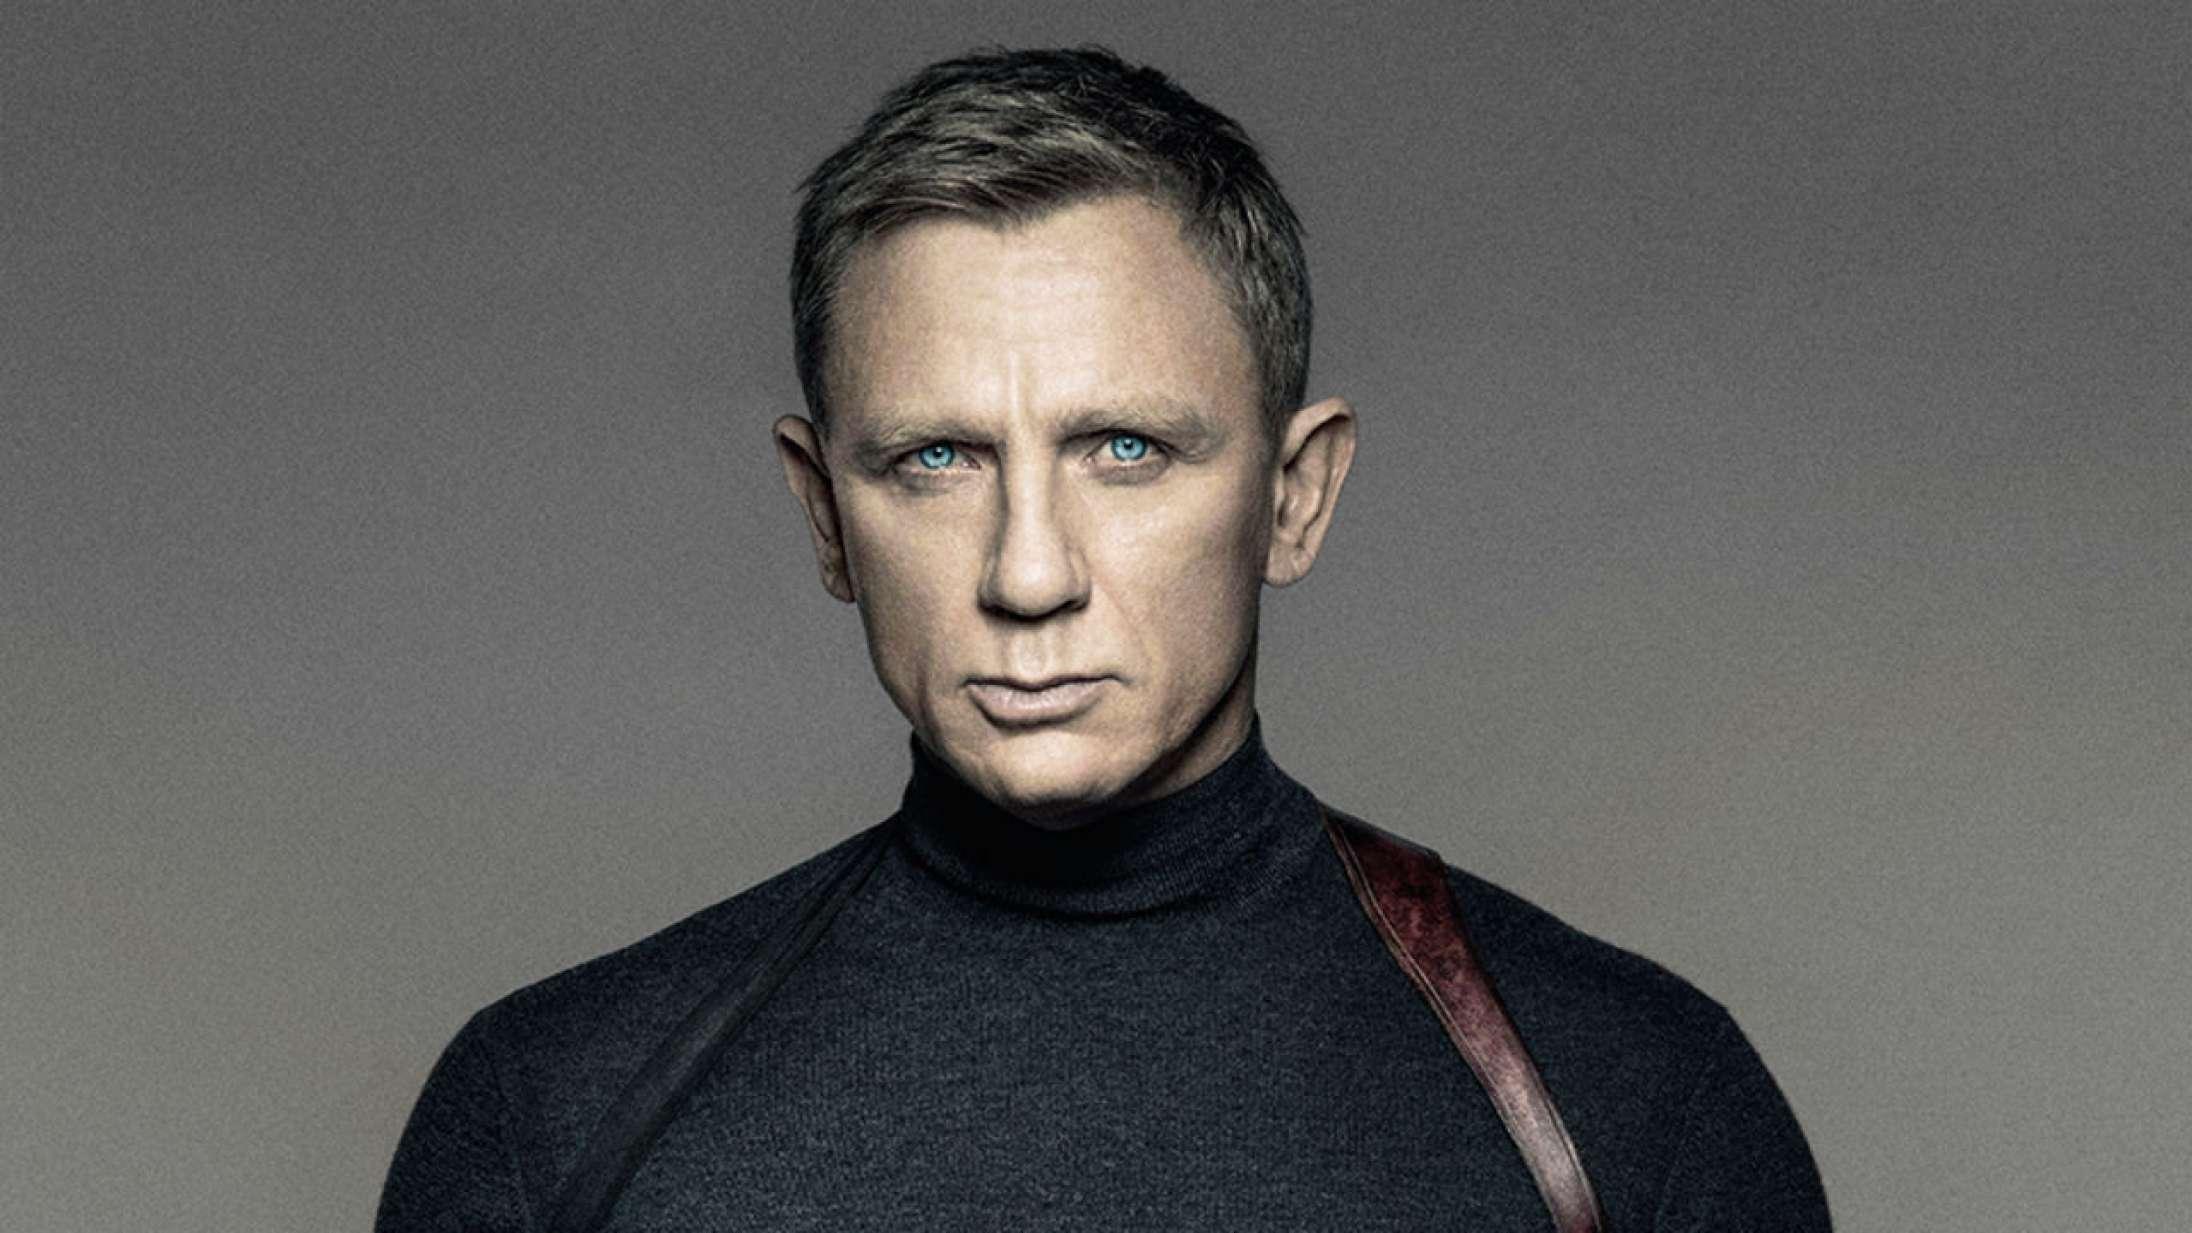 Corona-frygt udskyder Bond-premiere til november